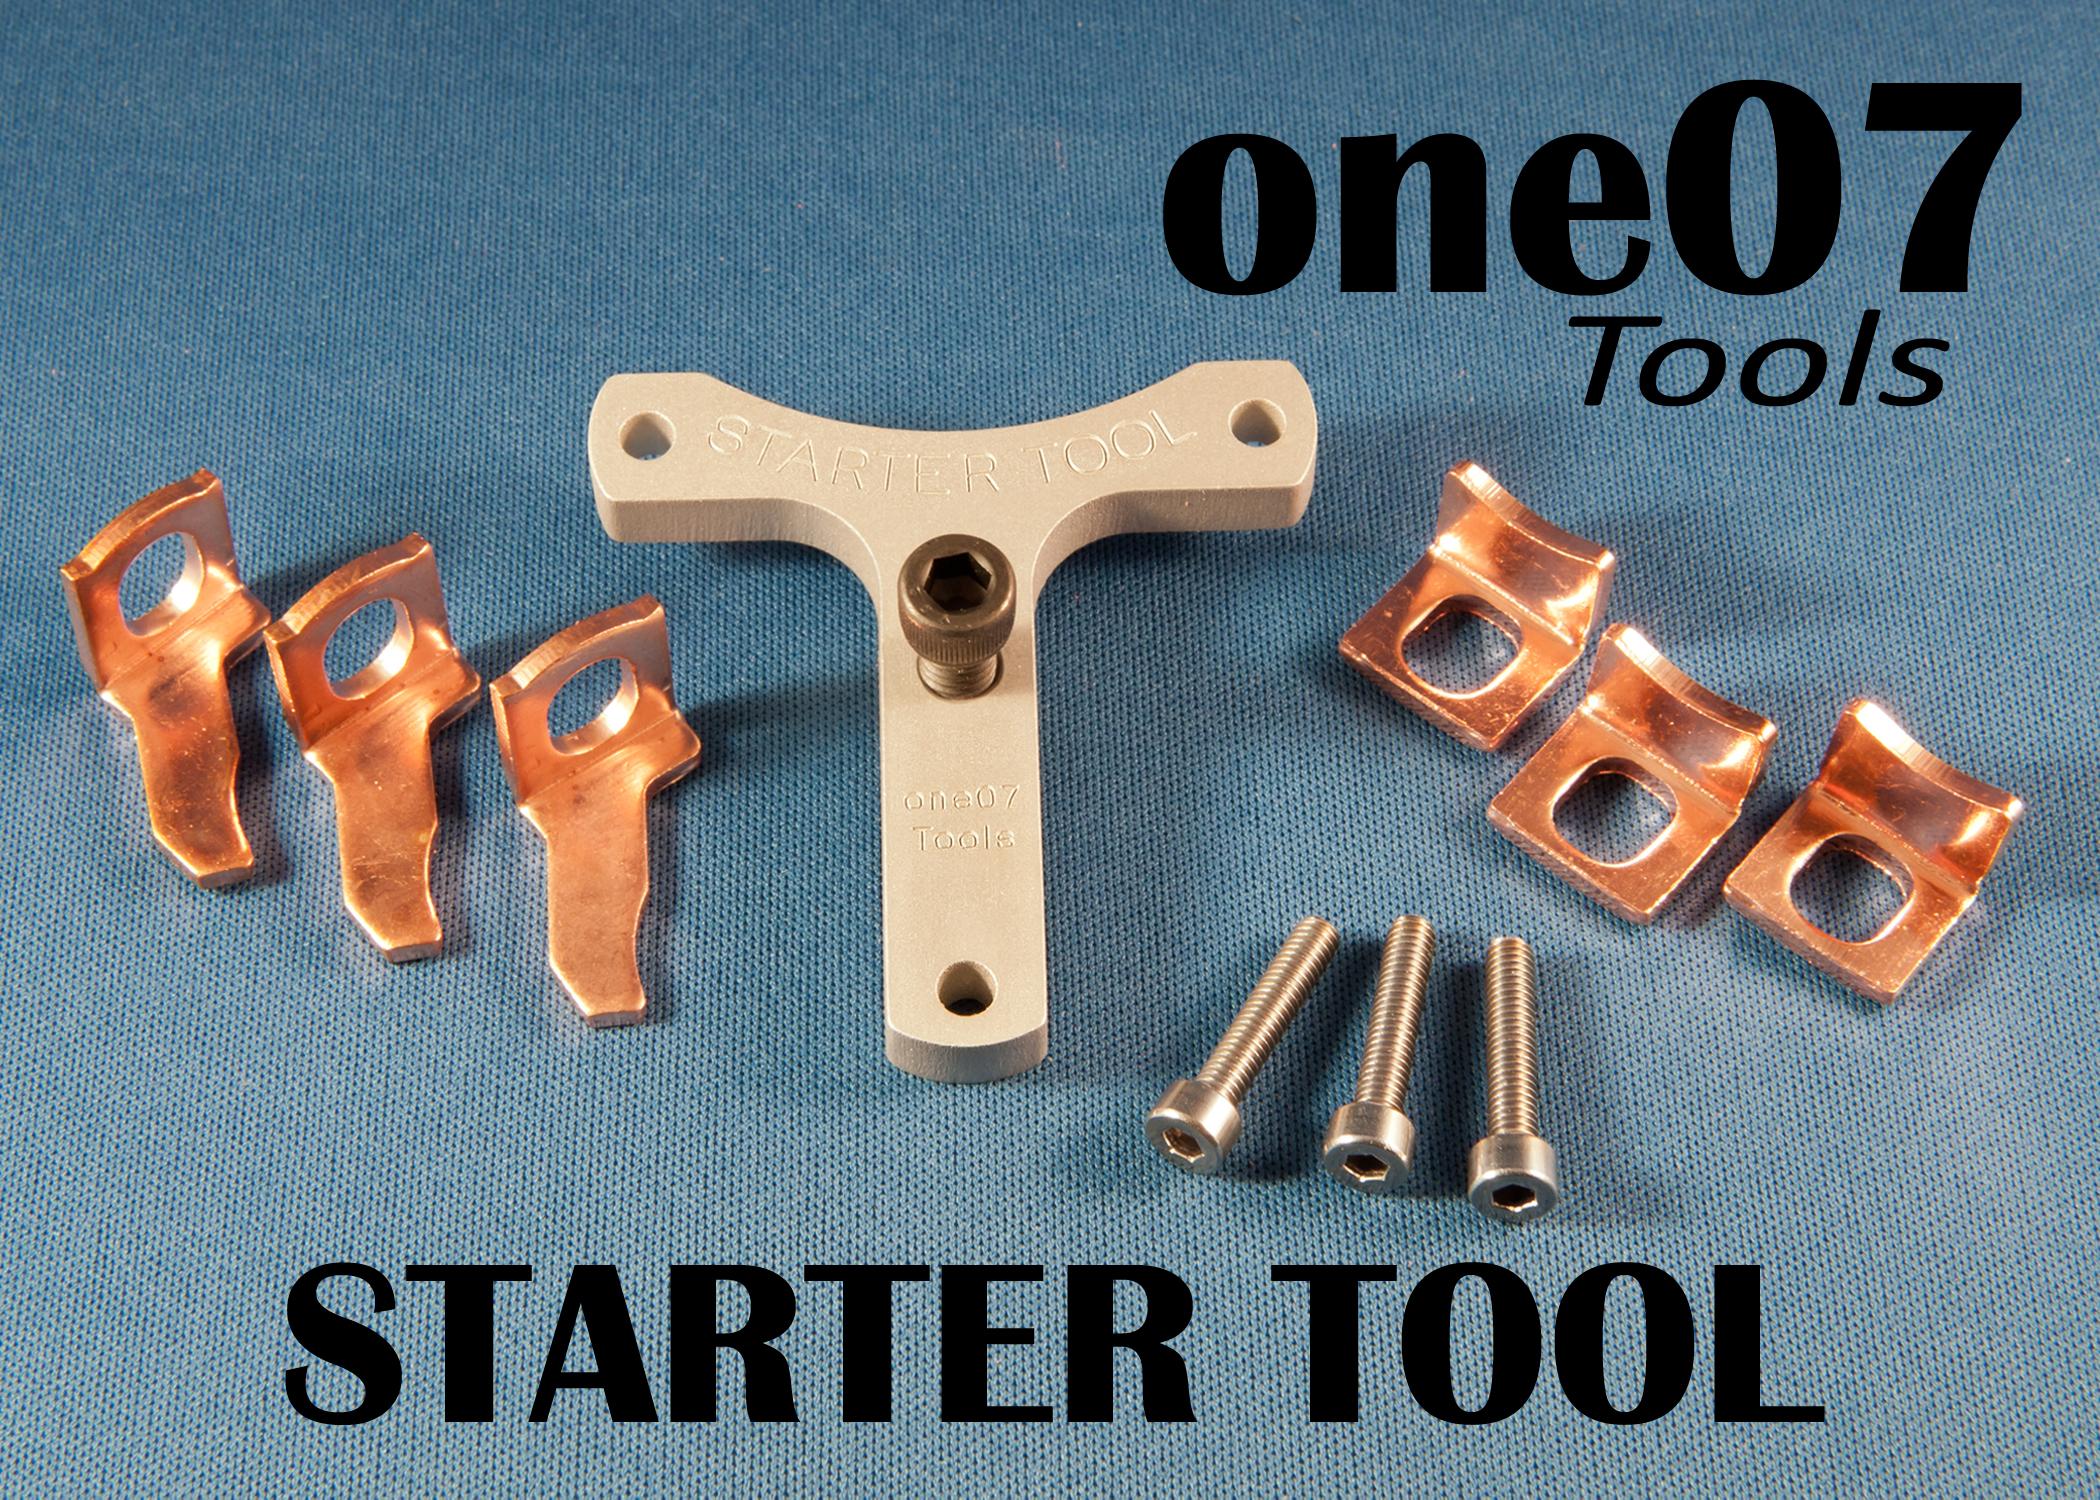 961 Norton Parts & Tools